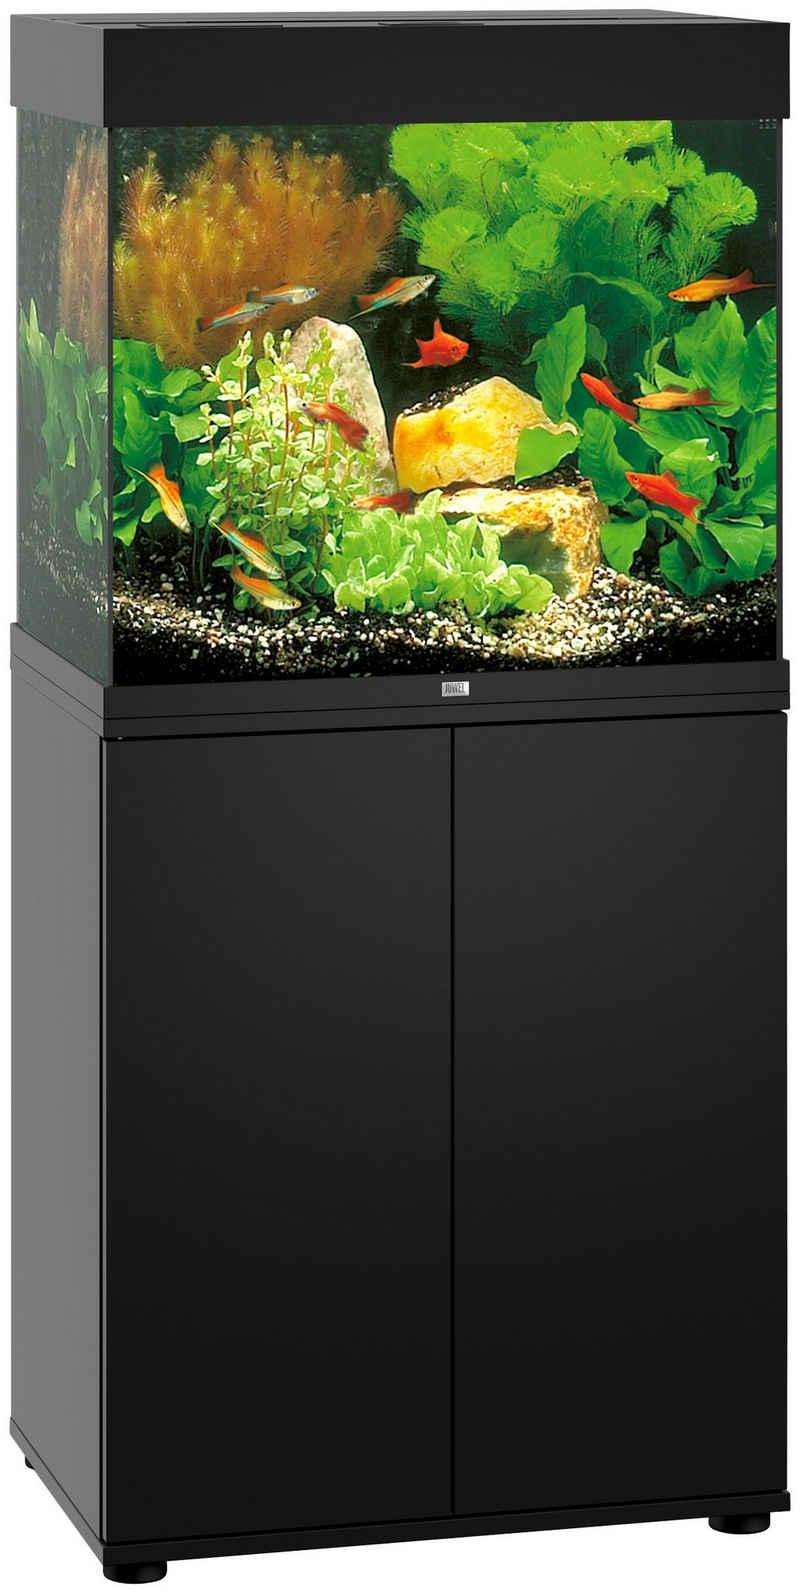 JUWEL AQUARIEN Aquarien-Set »Lido 120 LED«, 120 Liter, Gesamtmaß BxTxH: 61x41x131 cm